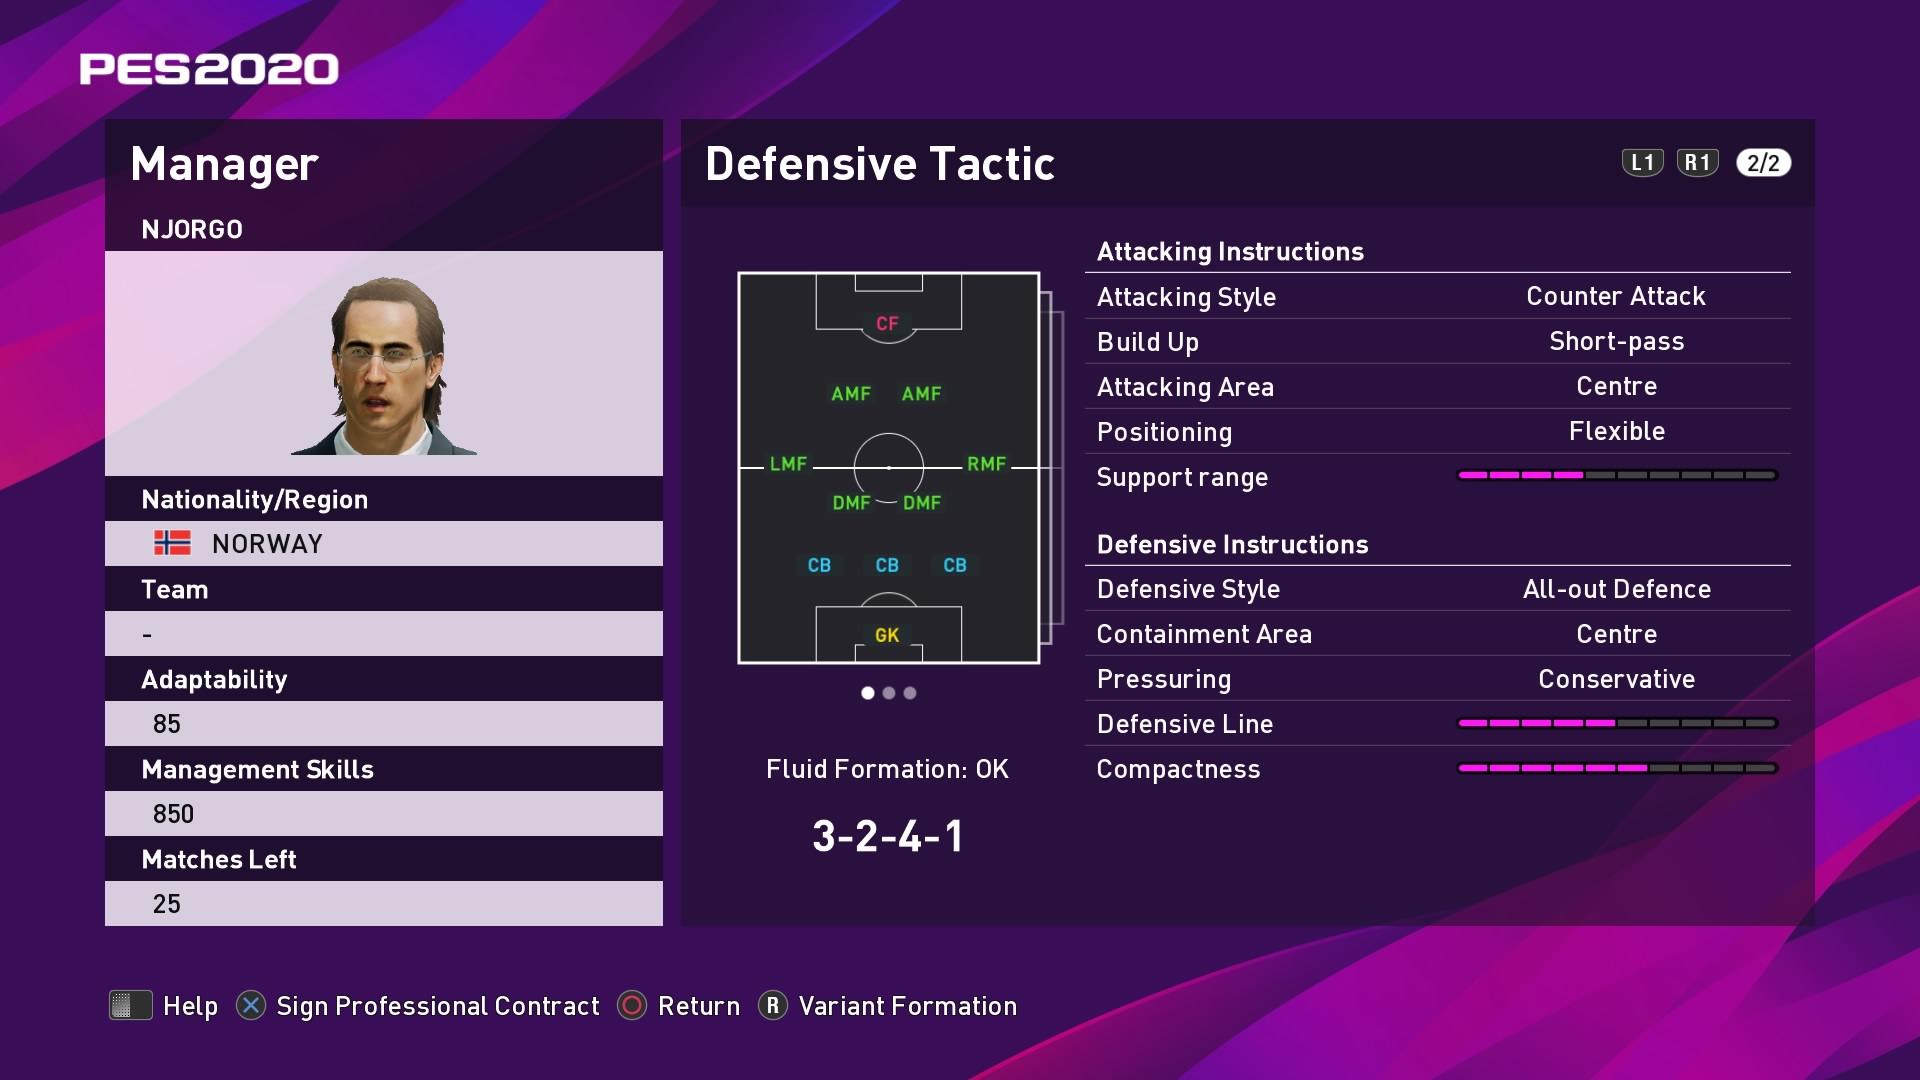 Njorgo Defensive Tactic at Kick-off